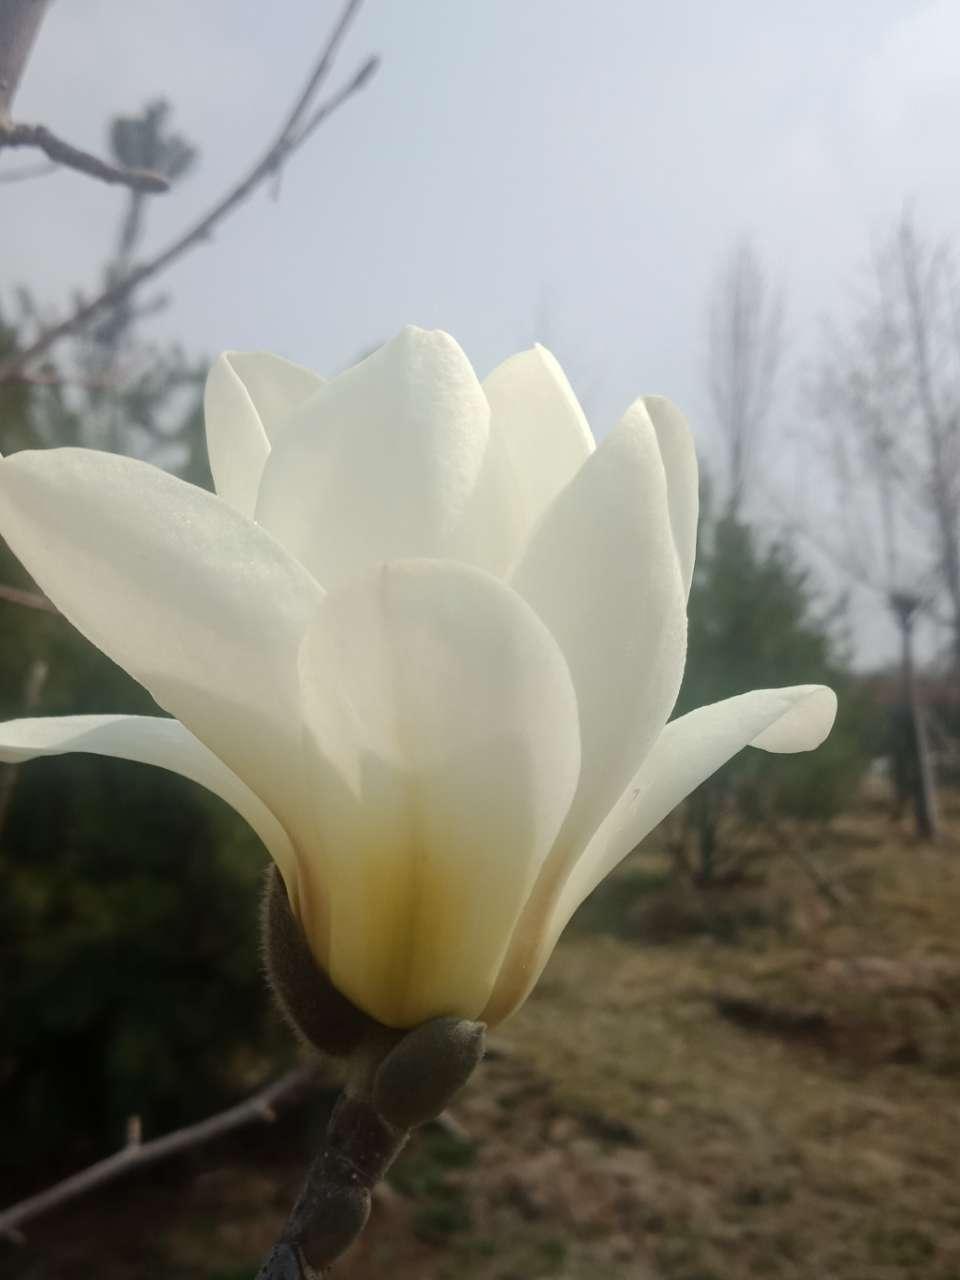 白玉兰花,紫玉兰花,好像会动-1.jpg